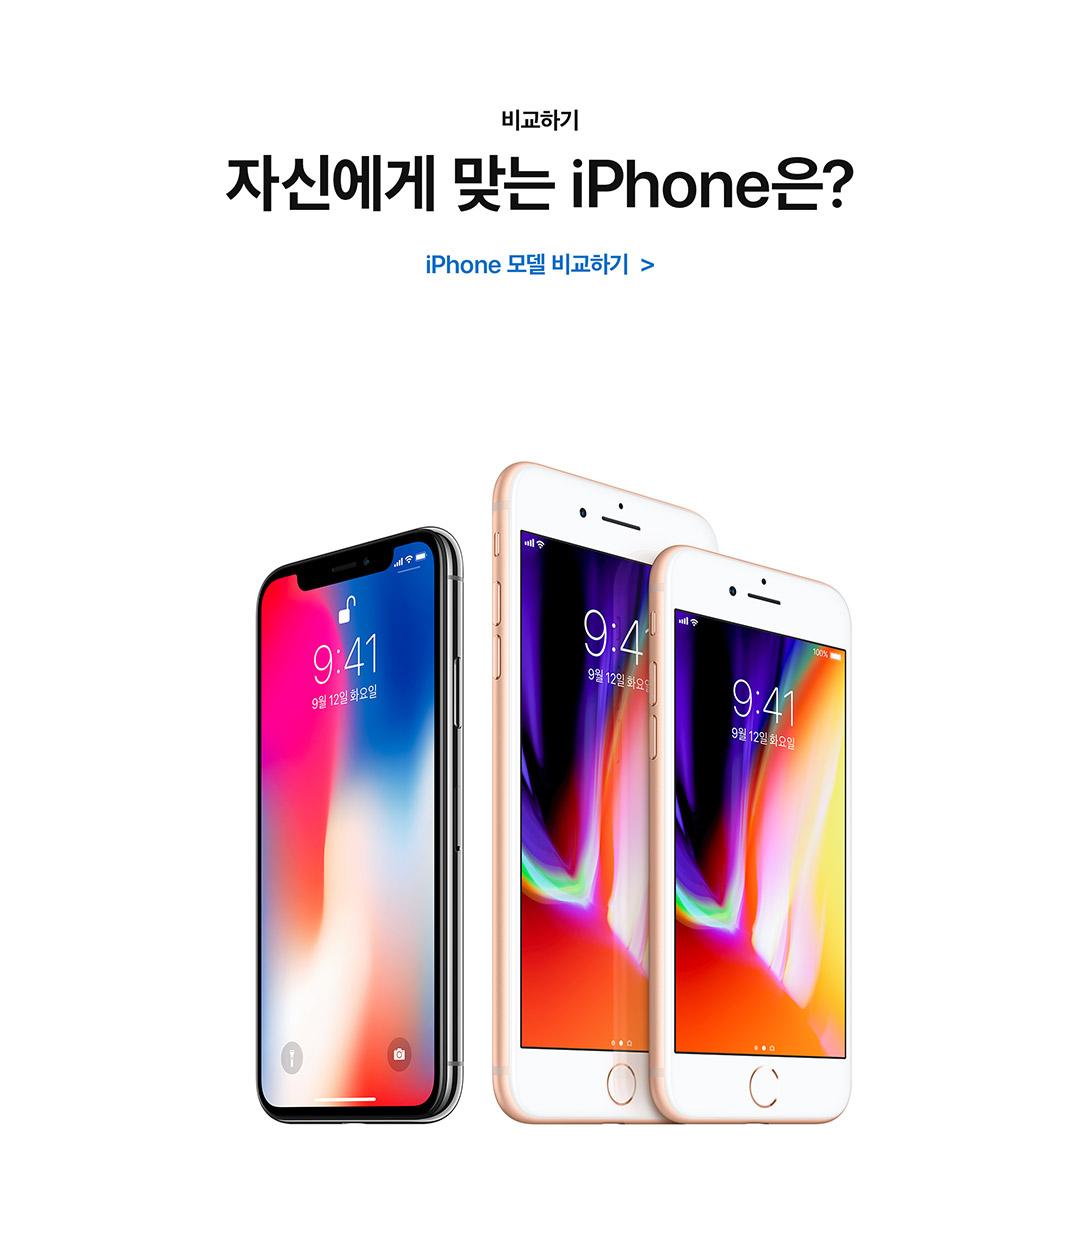 비교하기 - 자신에게 맞는 iPhone은?